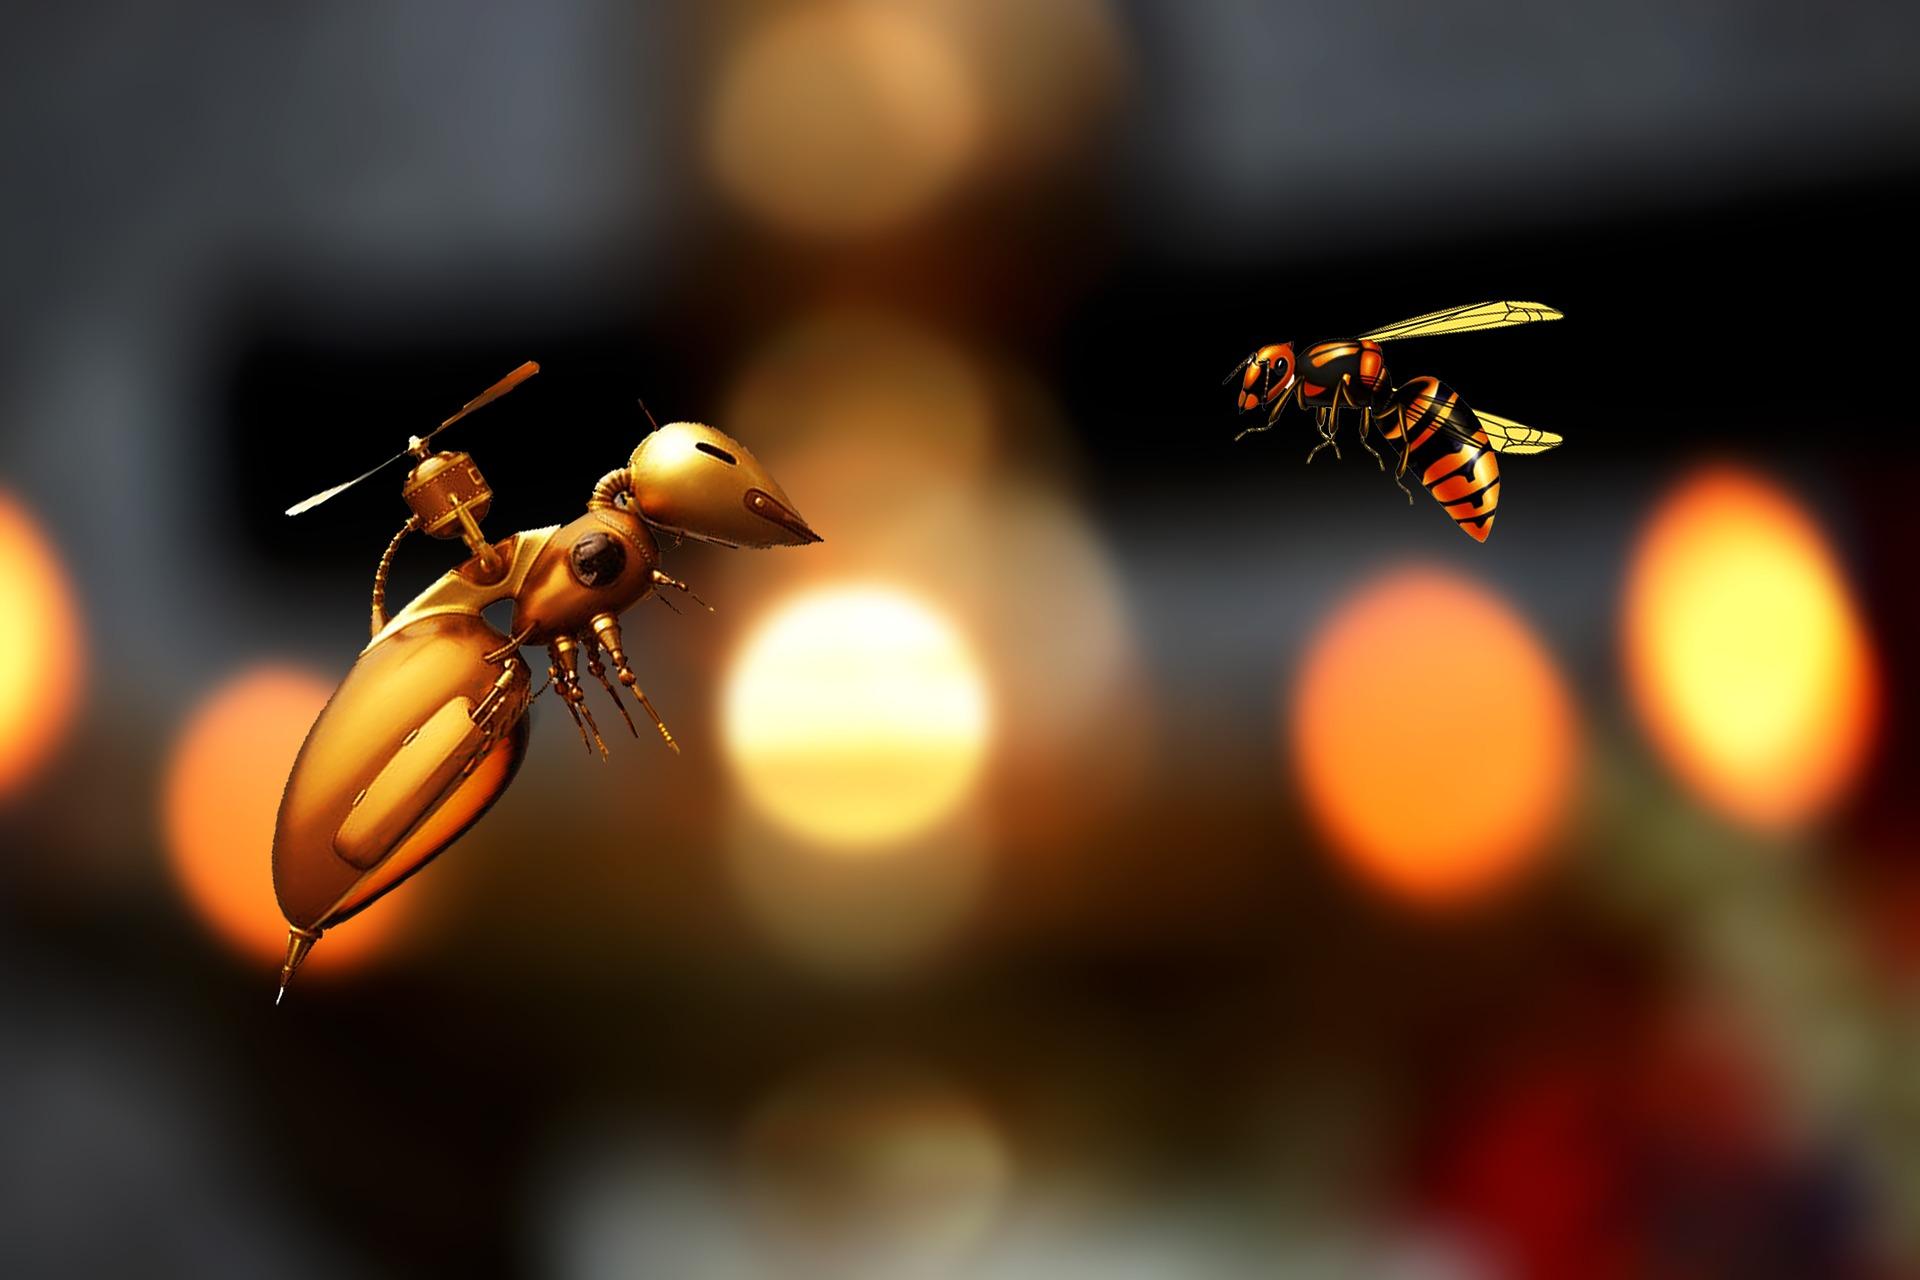 Robot-insecte, solaire spatial, IA-concepteur des discours : les infos tech à ne pas manquer de la semaine du 24 juin